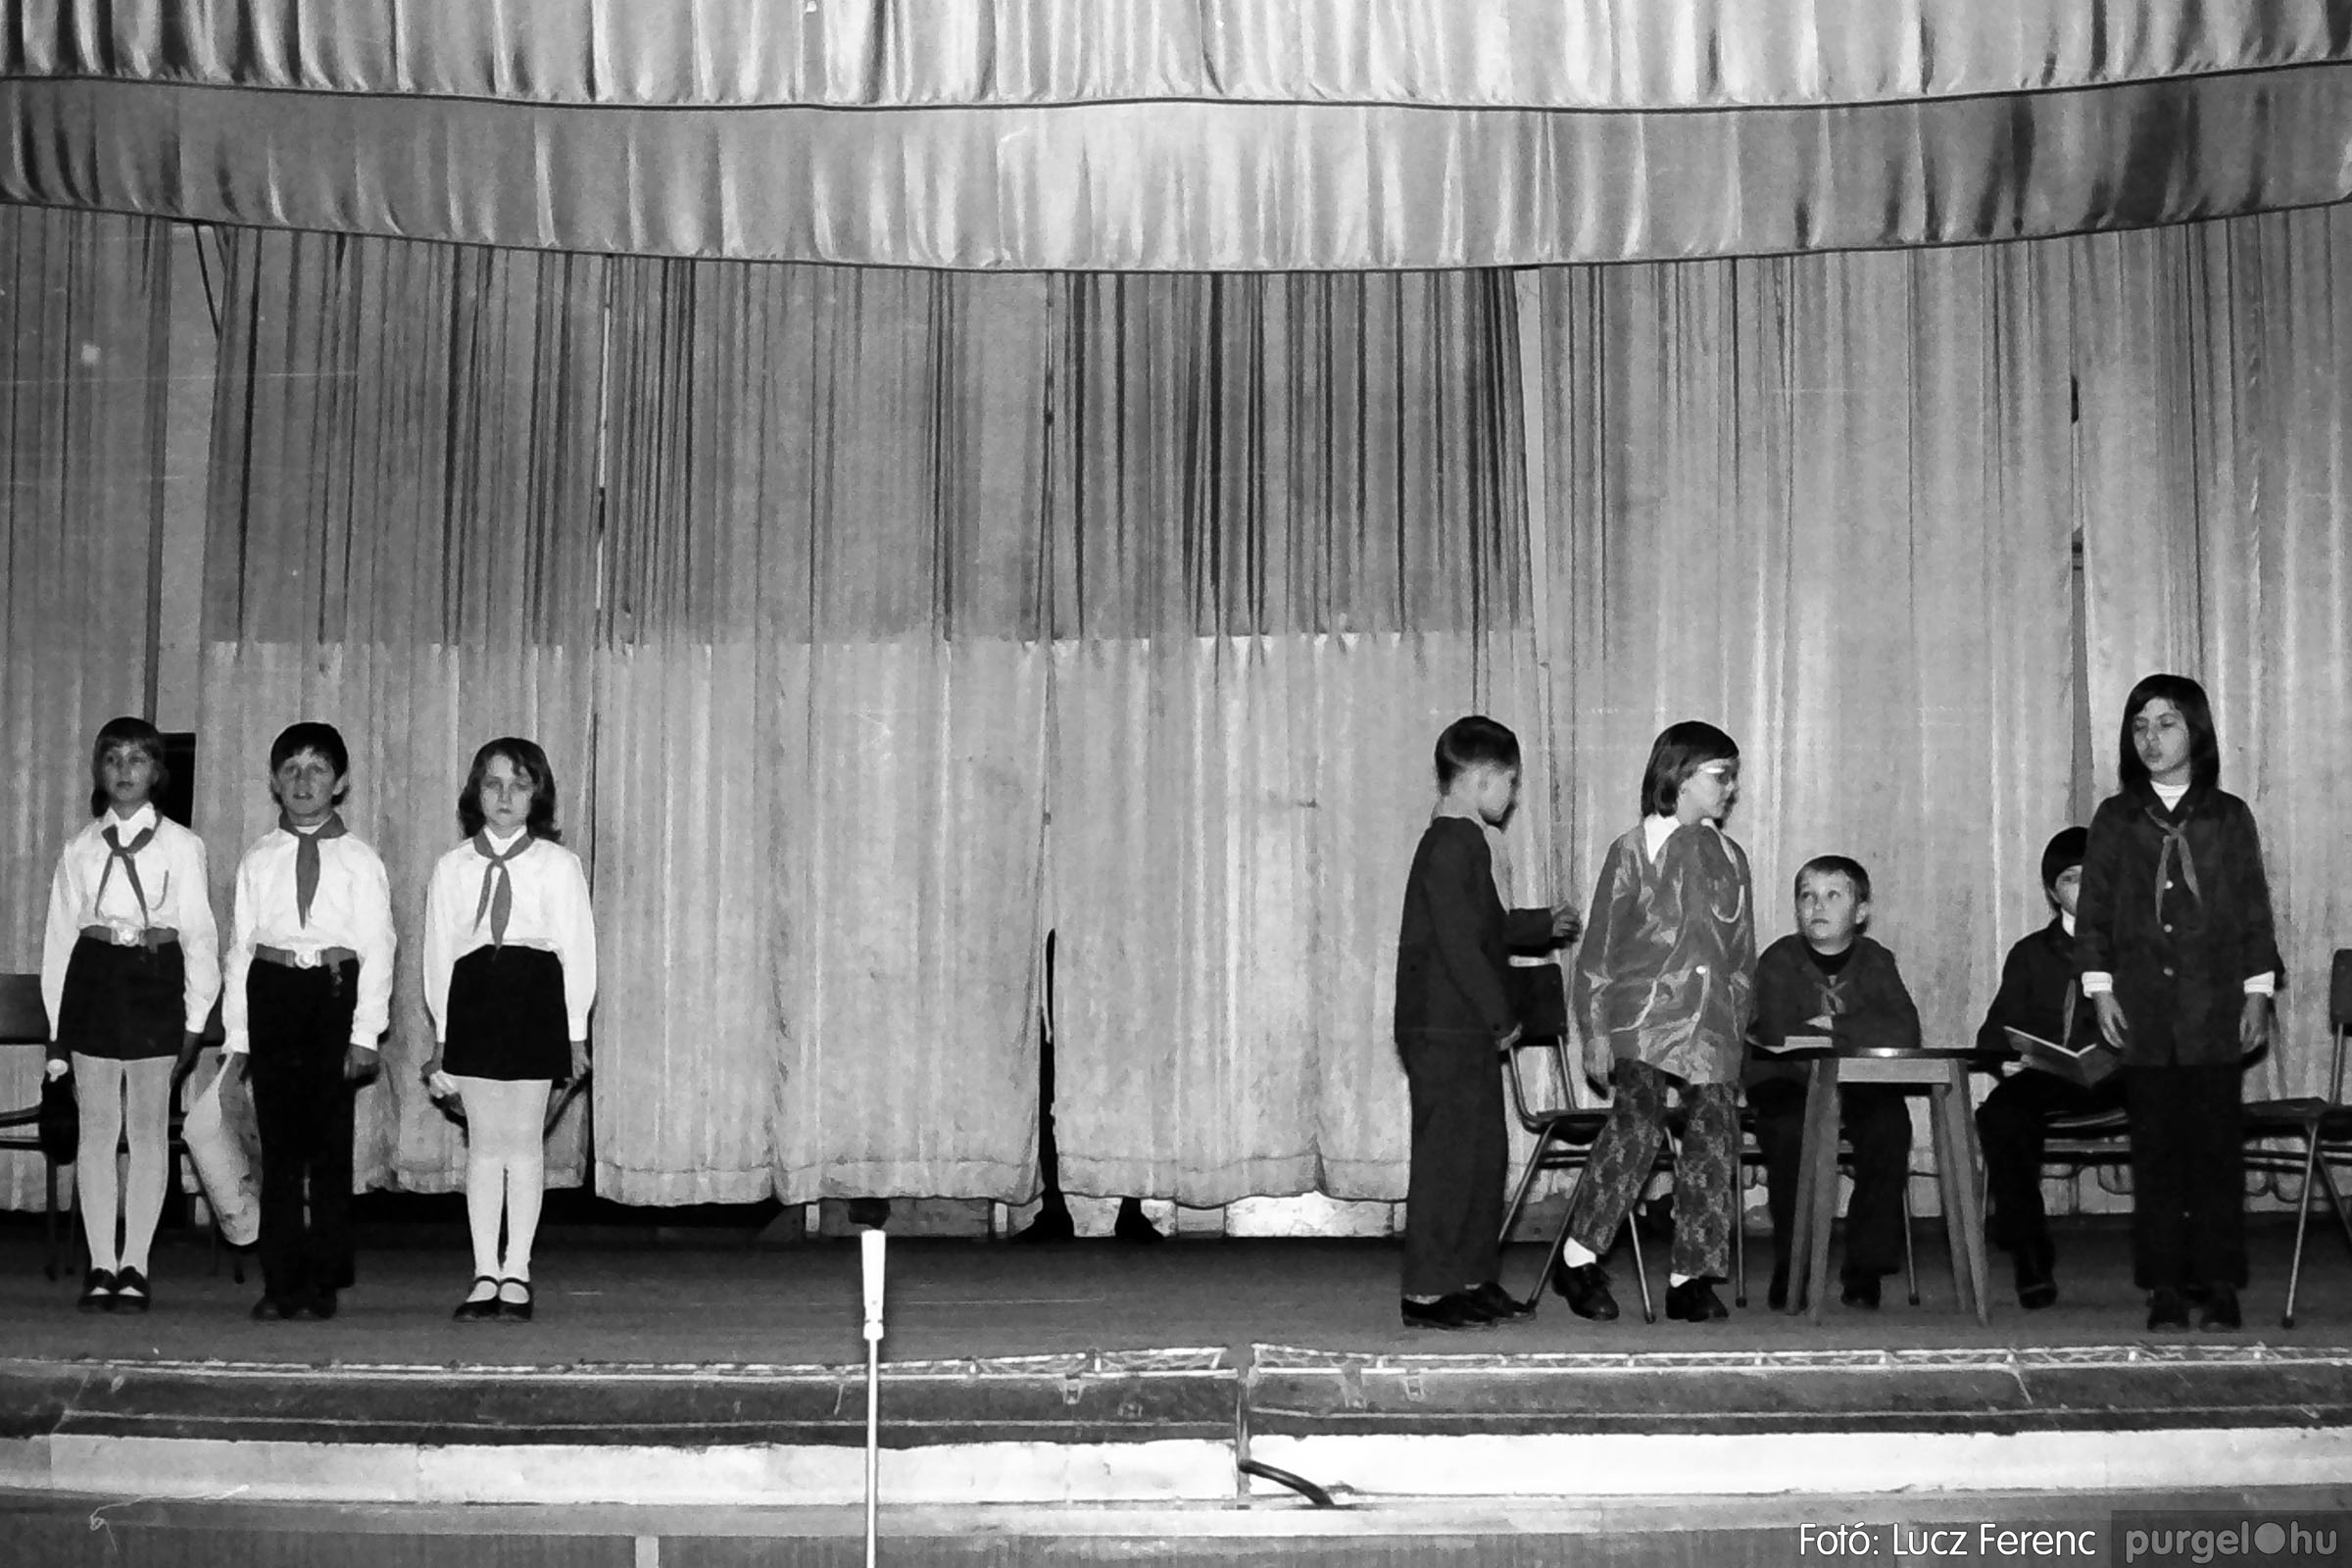 033. 1976. Diákrendezvény a kultúrházban 003 - Fotó: Lucz Ferenc.jpg